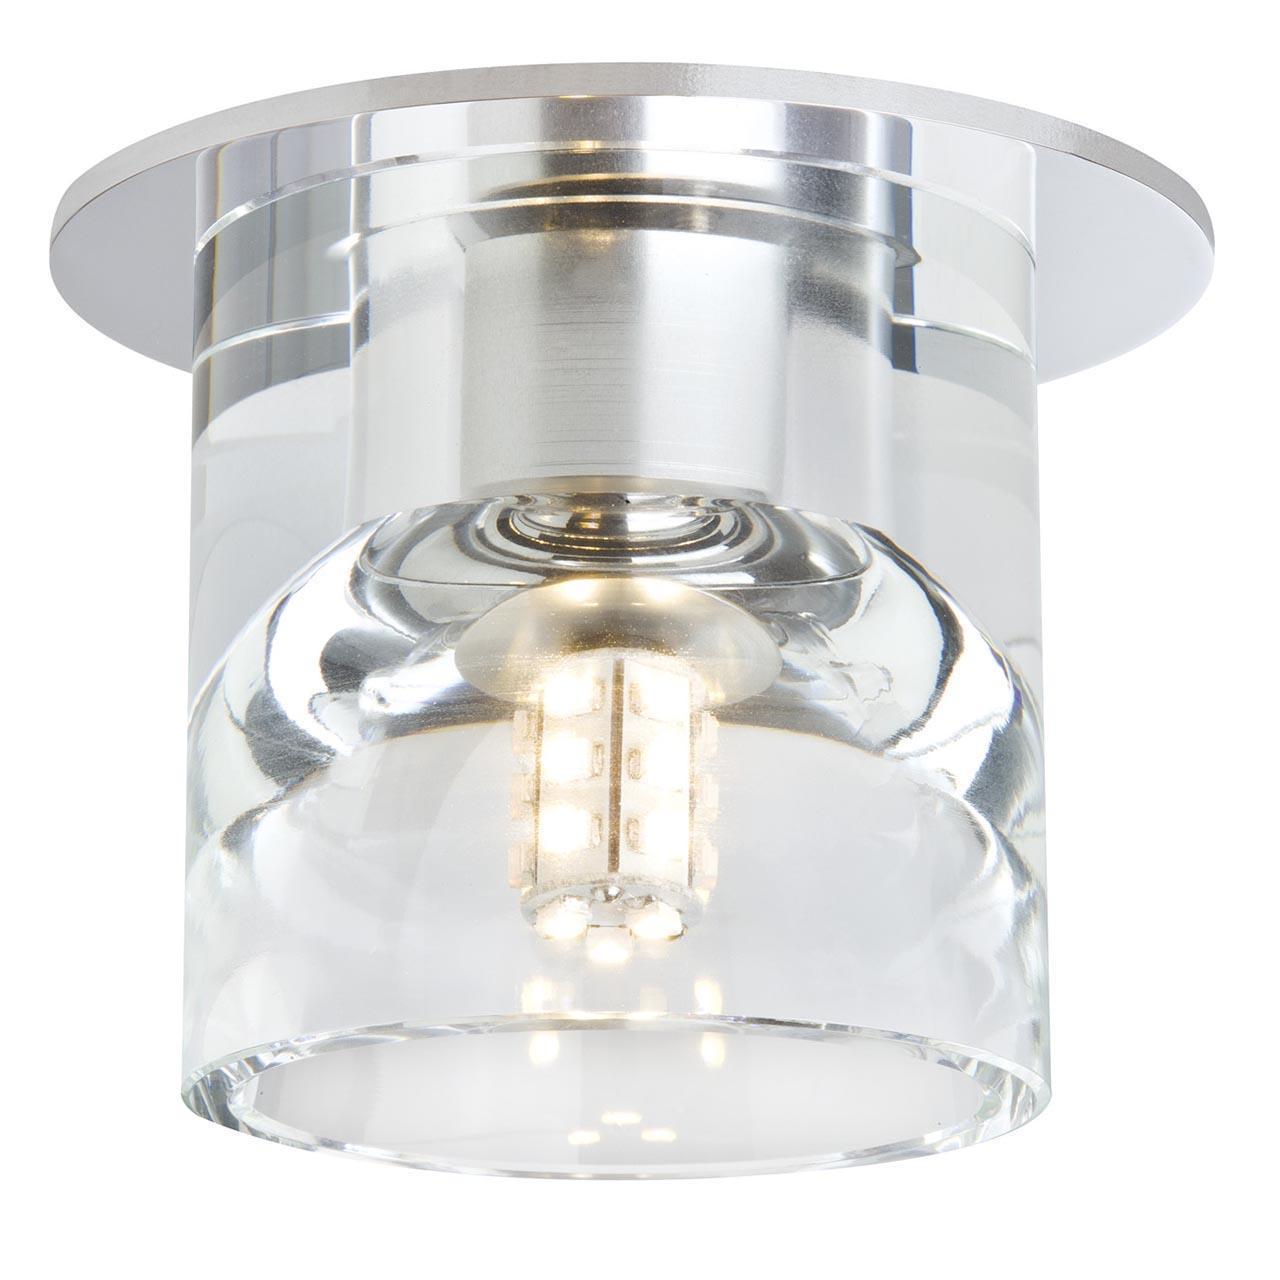 Купить Встраиваемый светильник Quality Glassy Tube, inmyroom, Германия